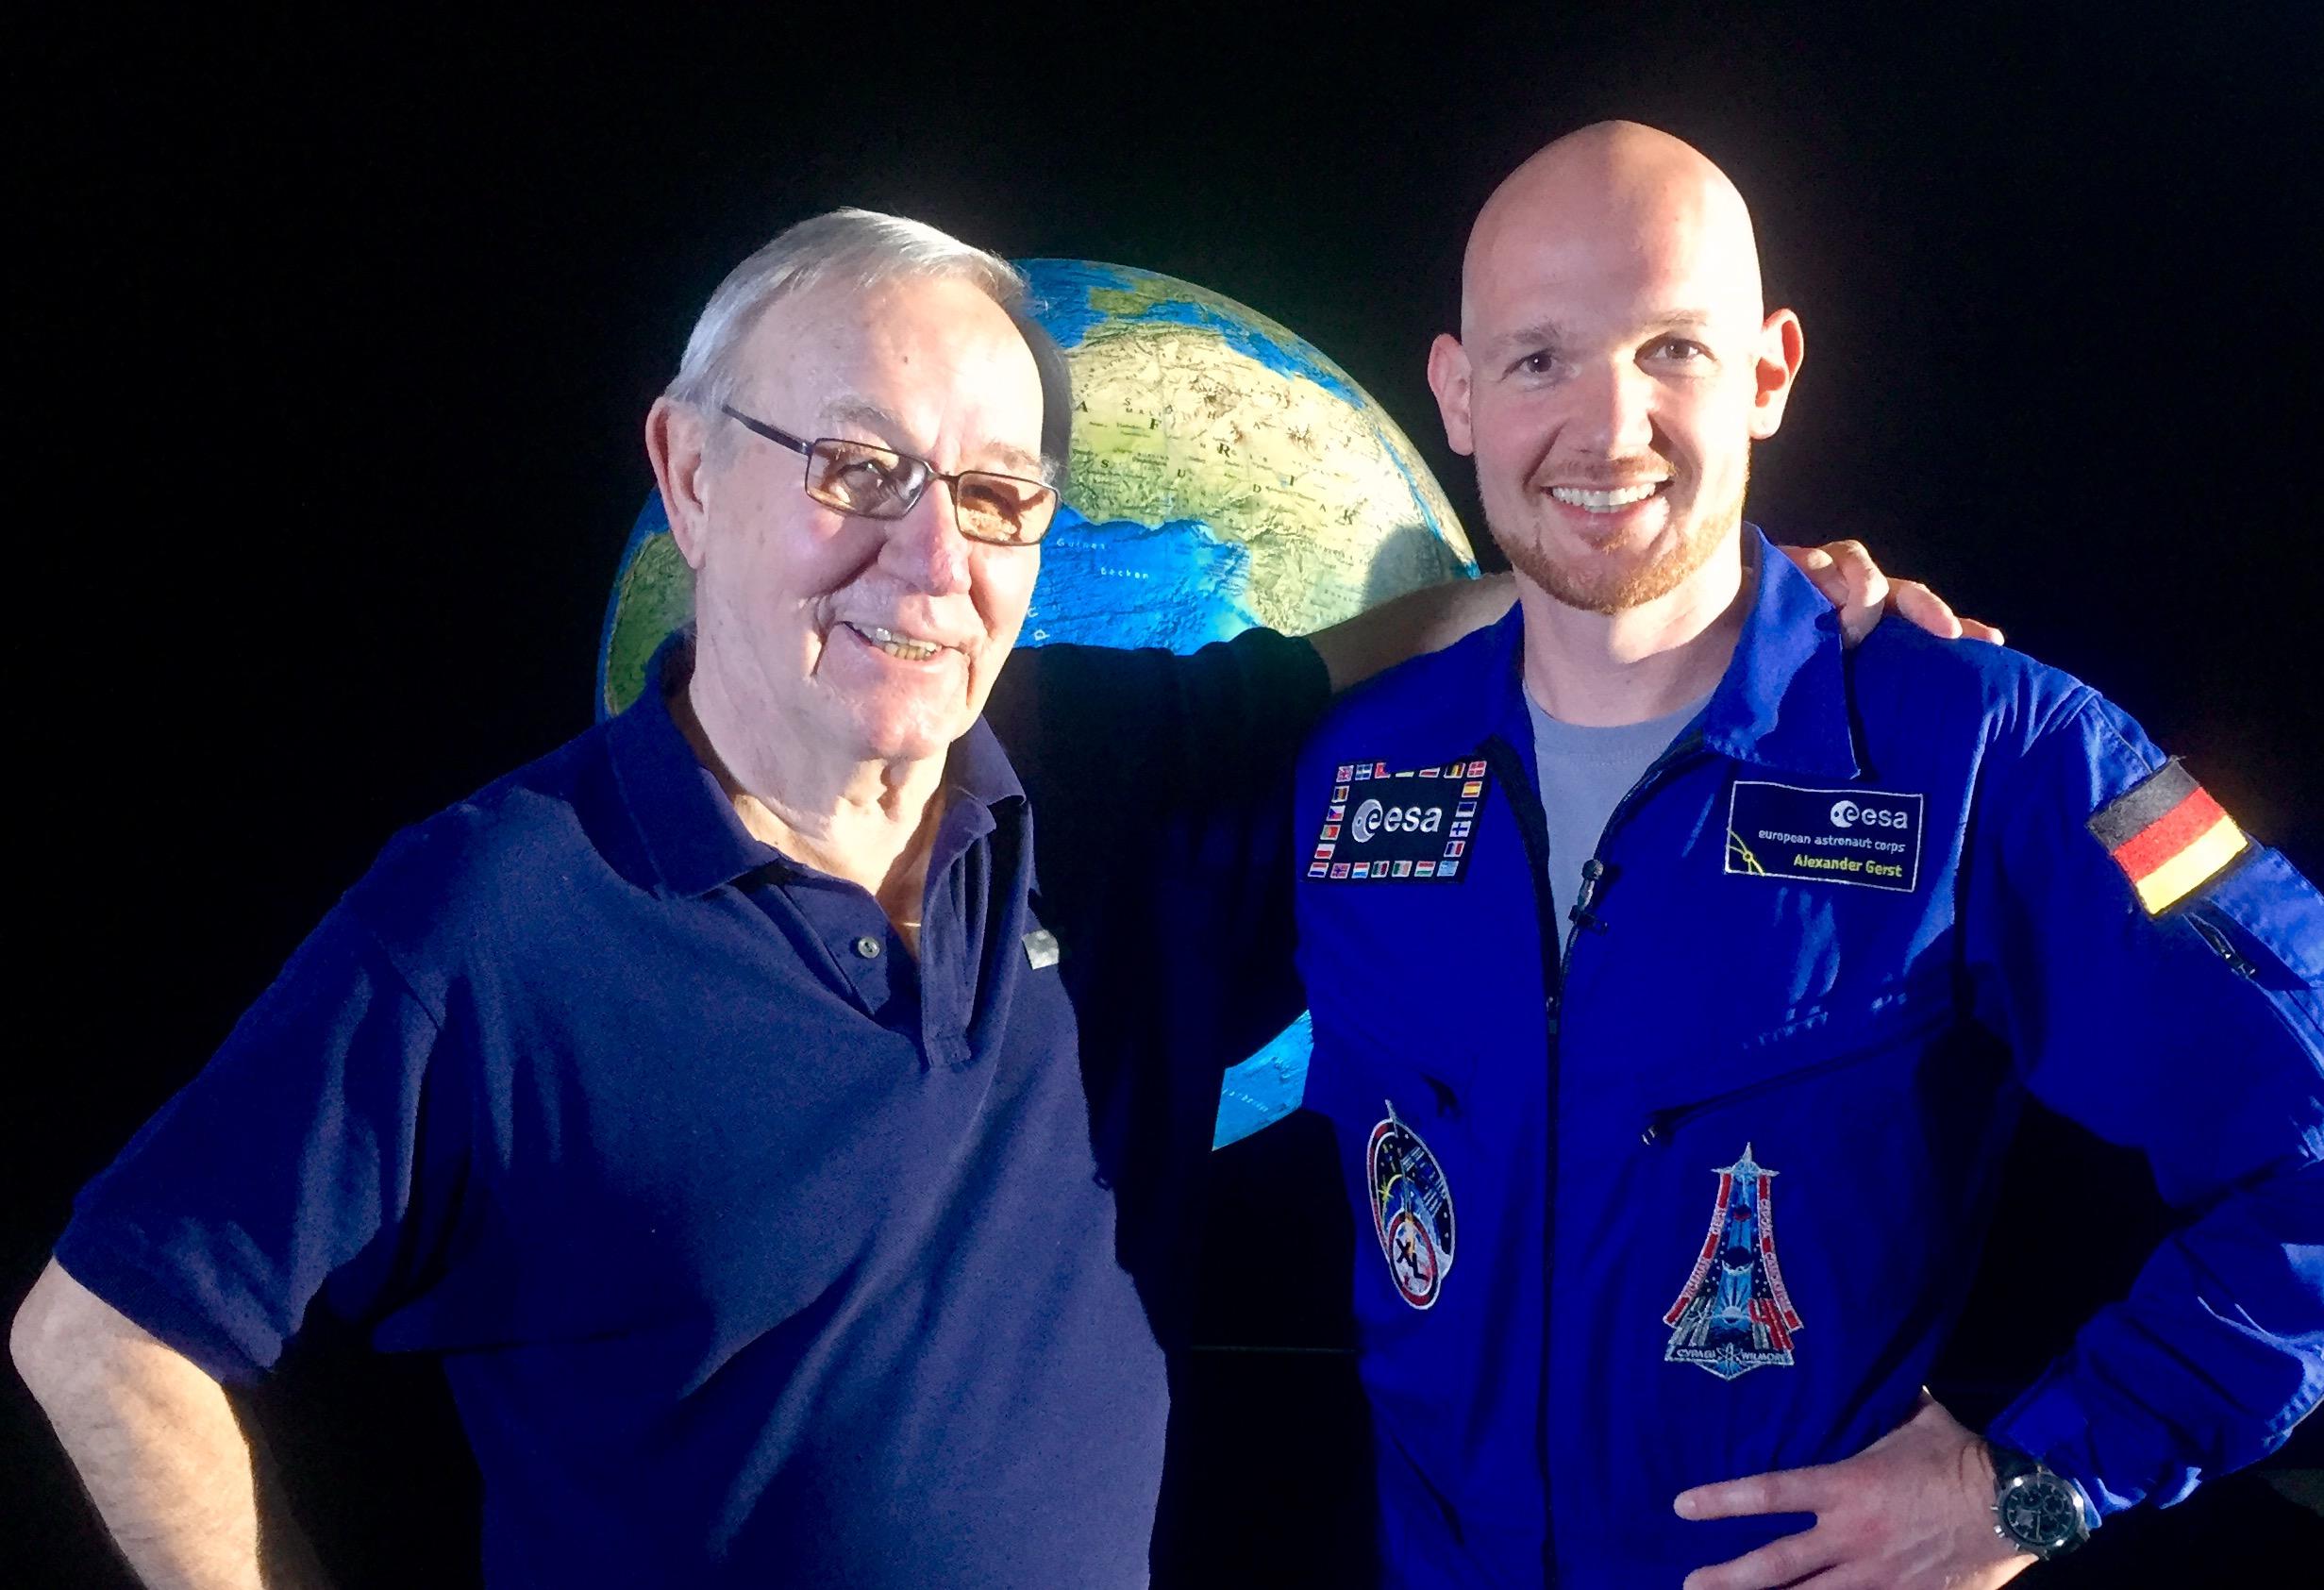 Alexander Gerst und Armin Maiwald reisen für die Sendung mit der Maus durch das Sonnensystem